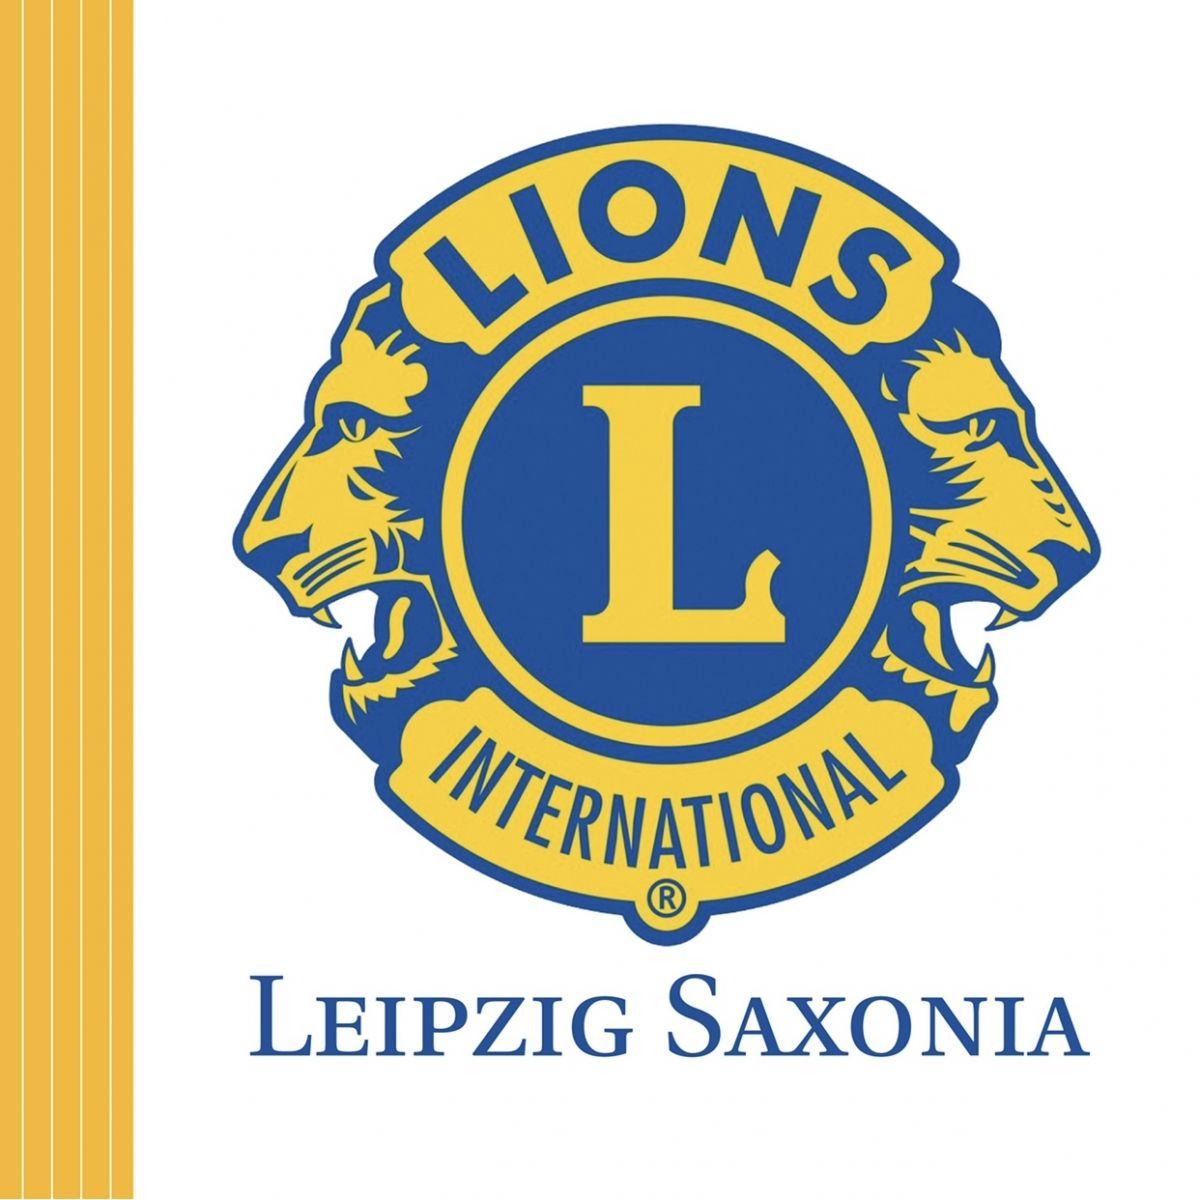 Lions Club Leipzig Saxonia